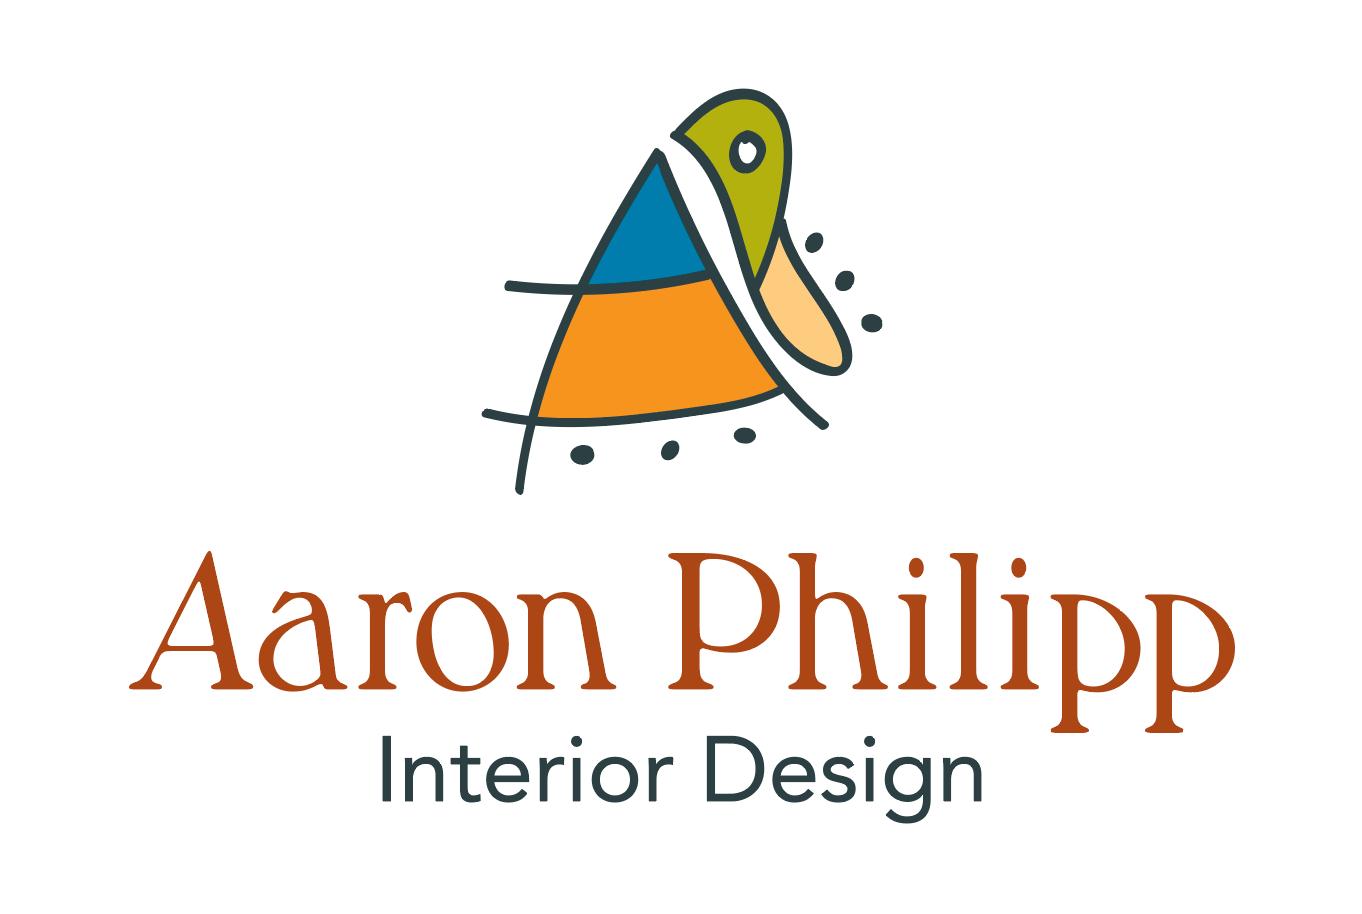 Philipp Aaron